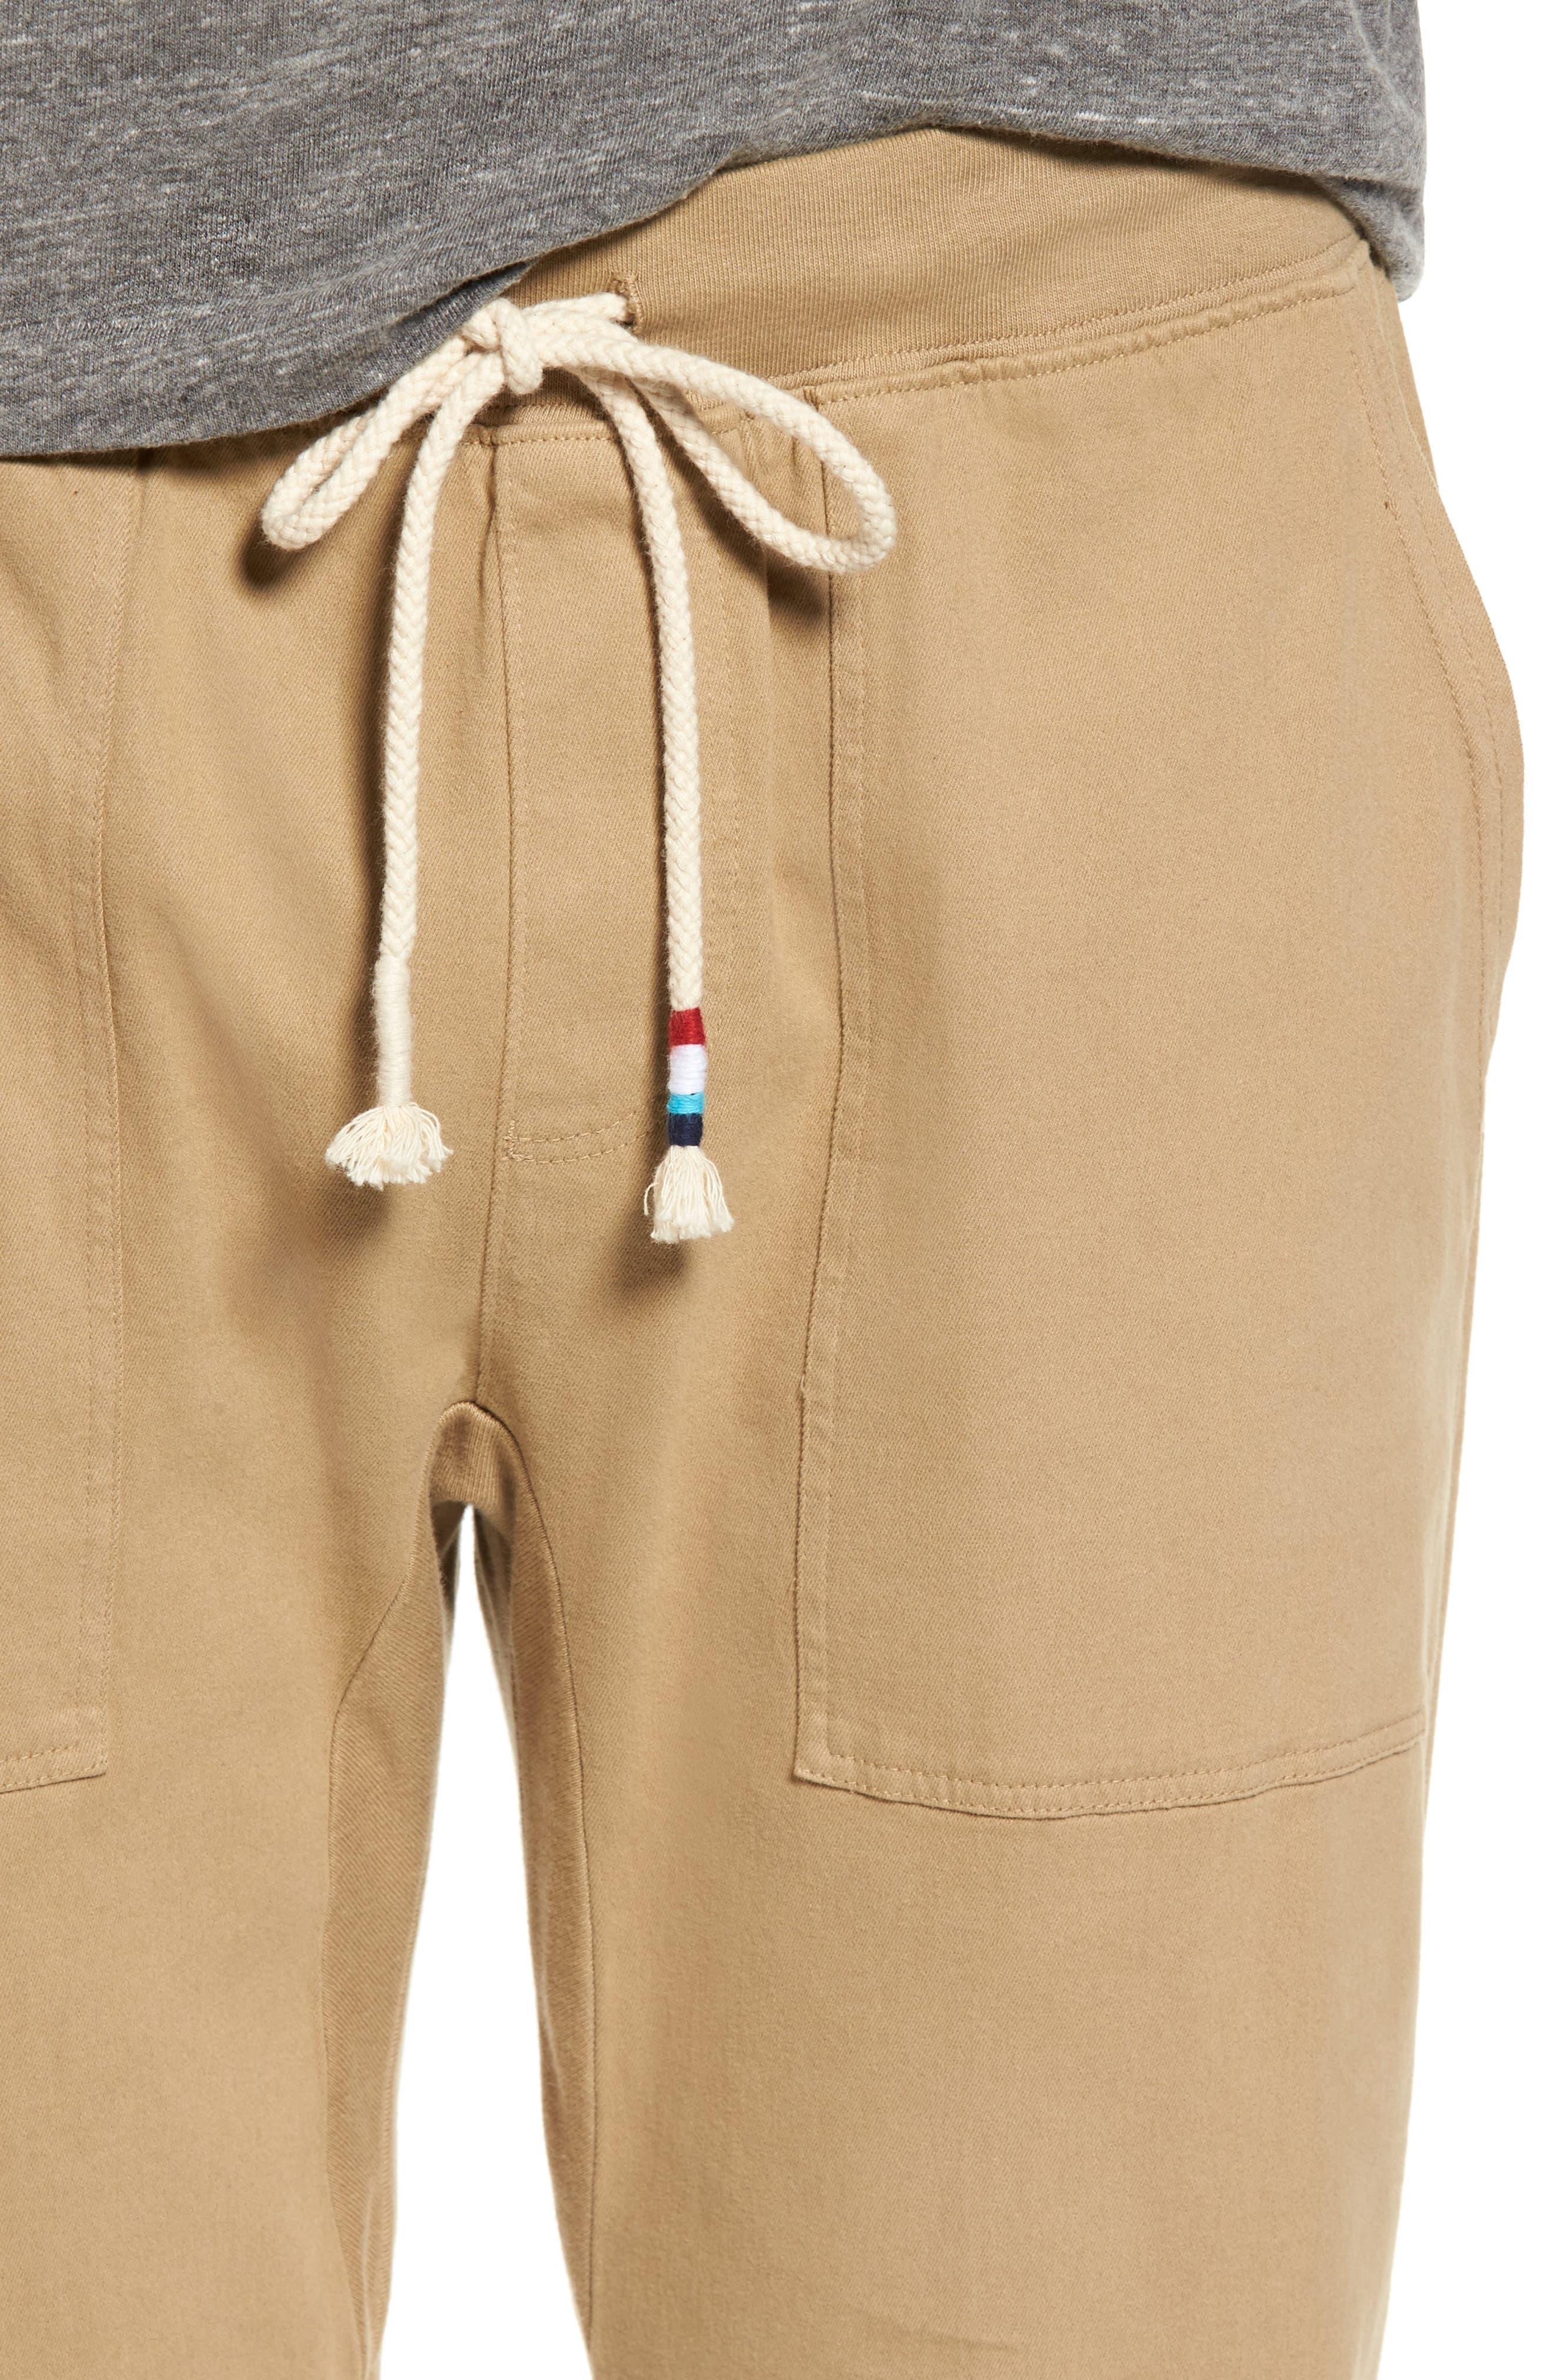 Essential Twill Jogger Pants,                             Alternate thumbnail 4, color,                             Khaki